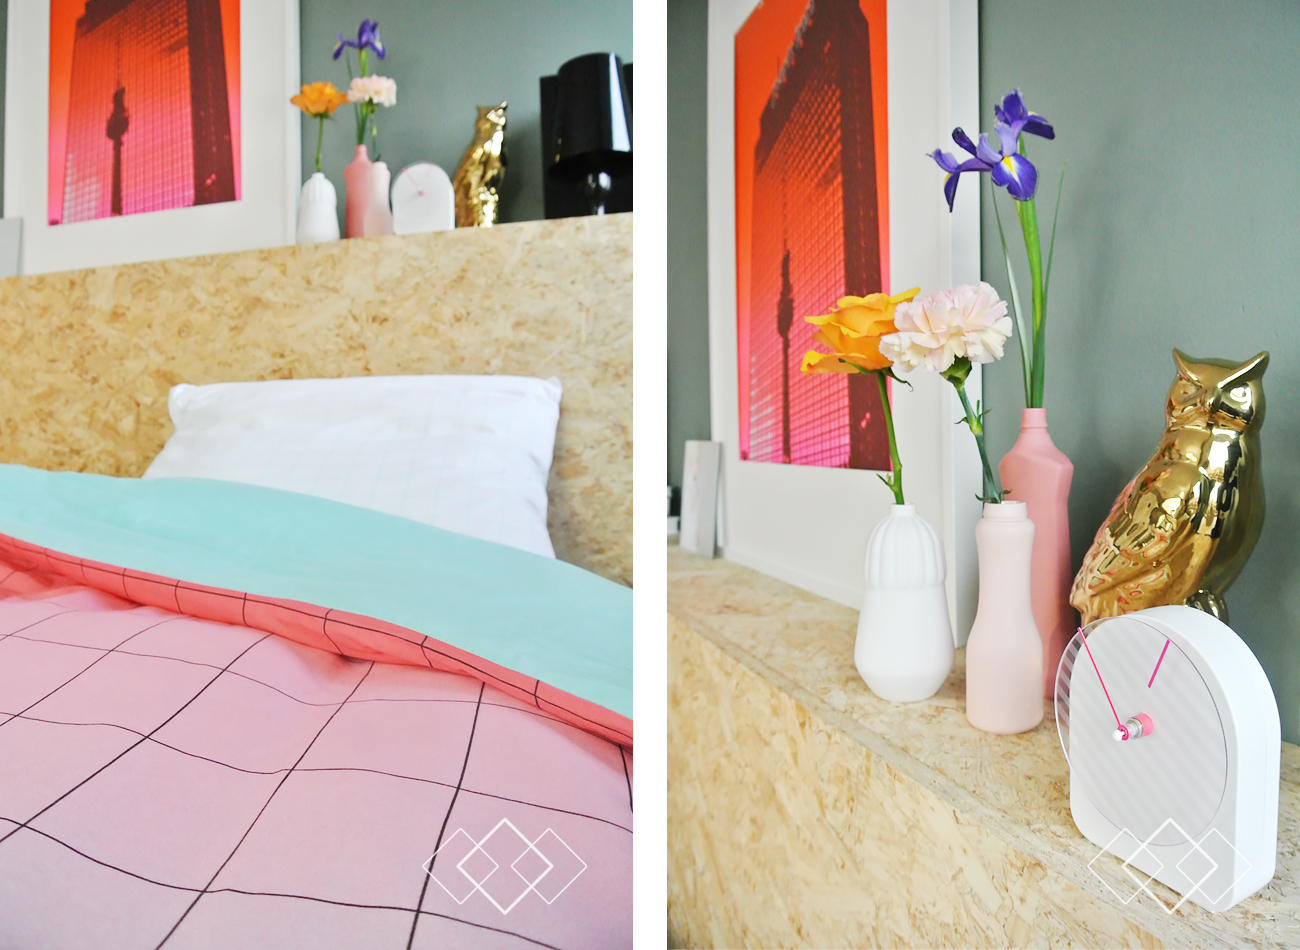 Slaapkamer goedkoop decoreren interieur meubilair idee n - Decoratie volwassen kamer romantisch ...